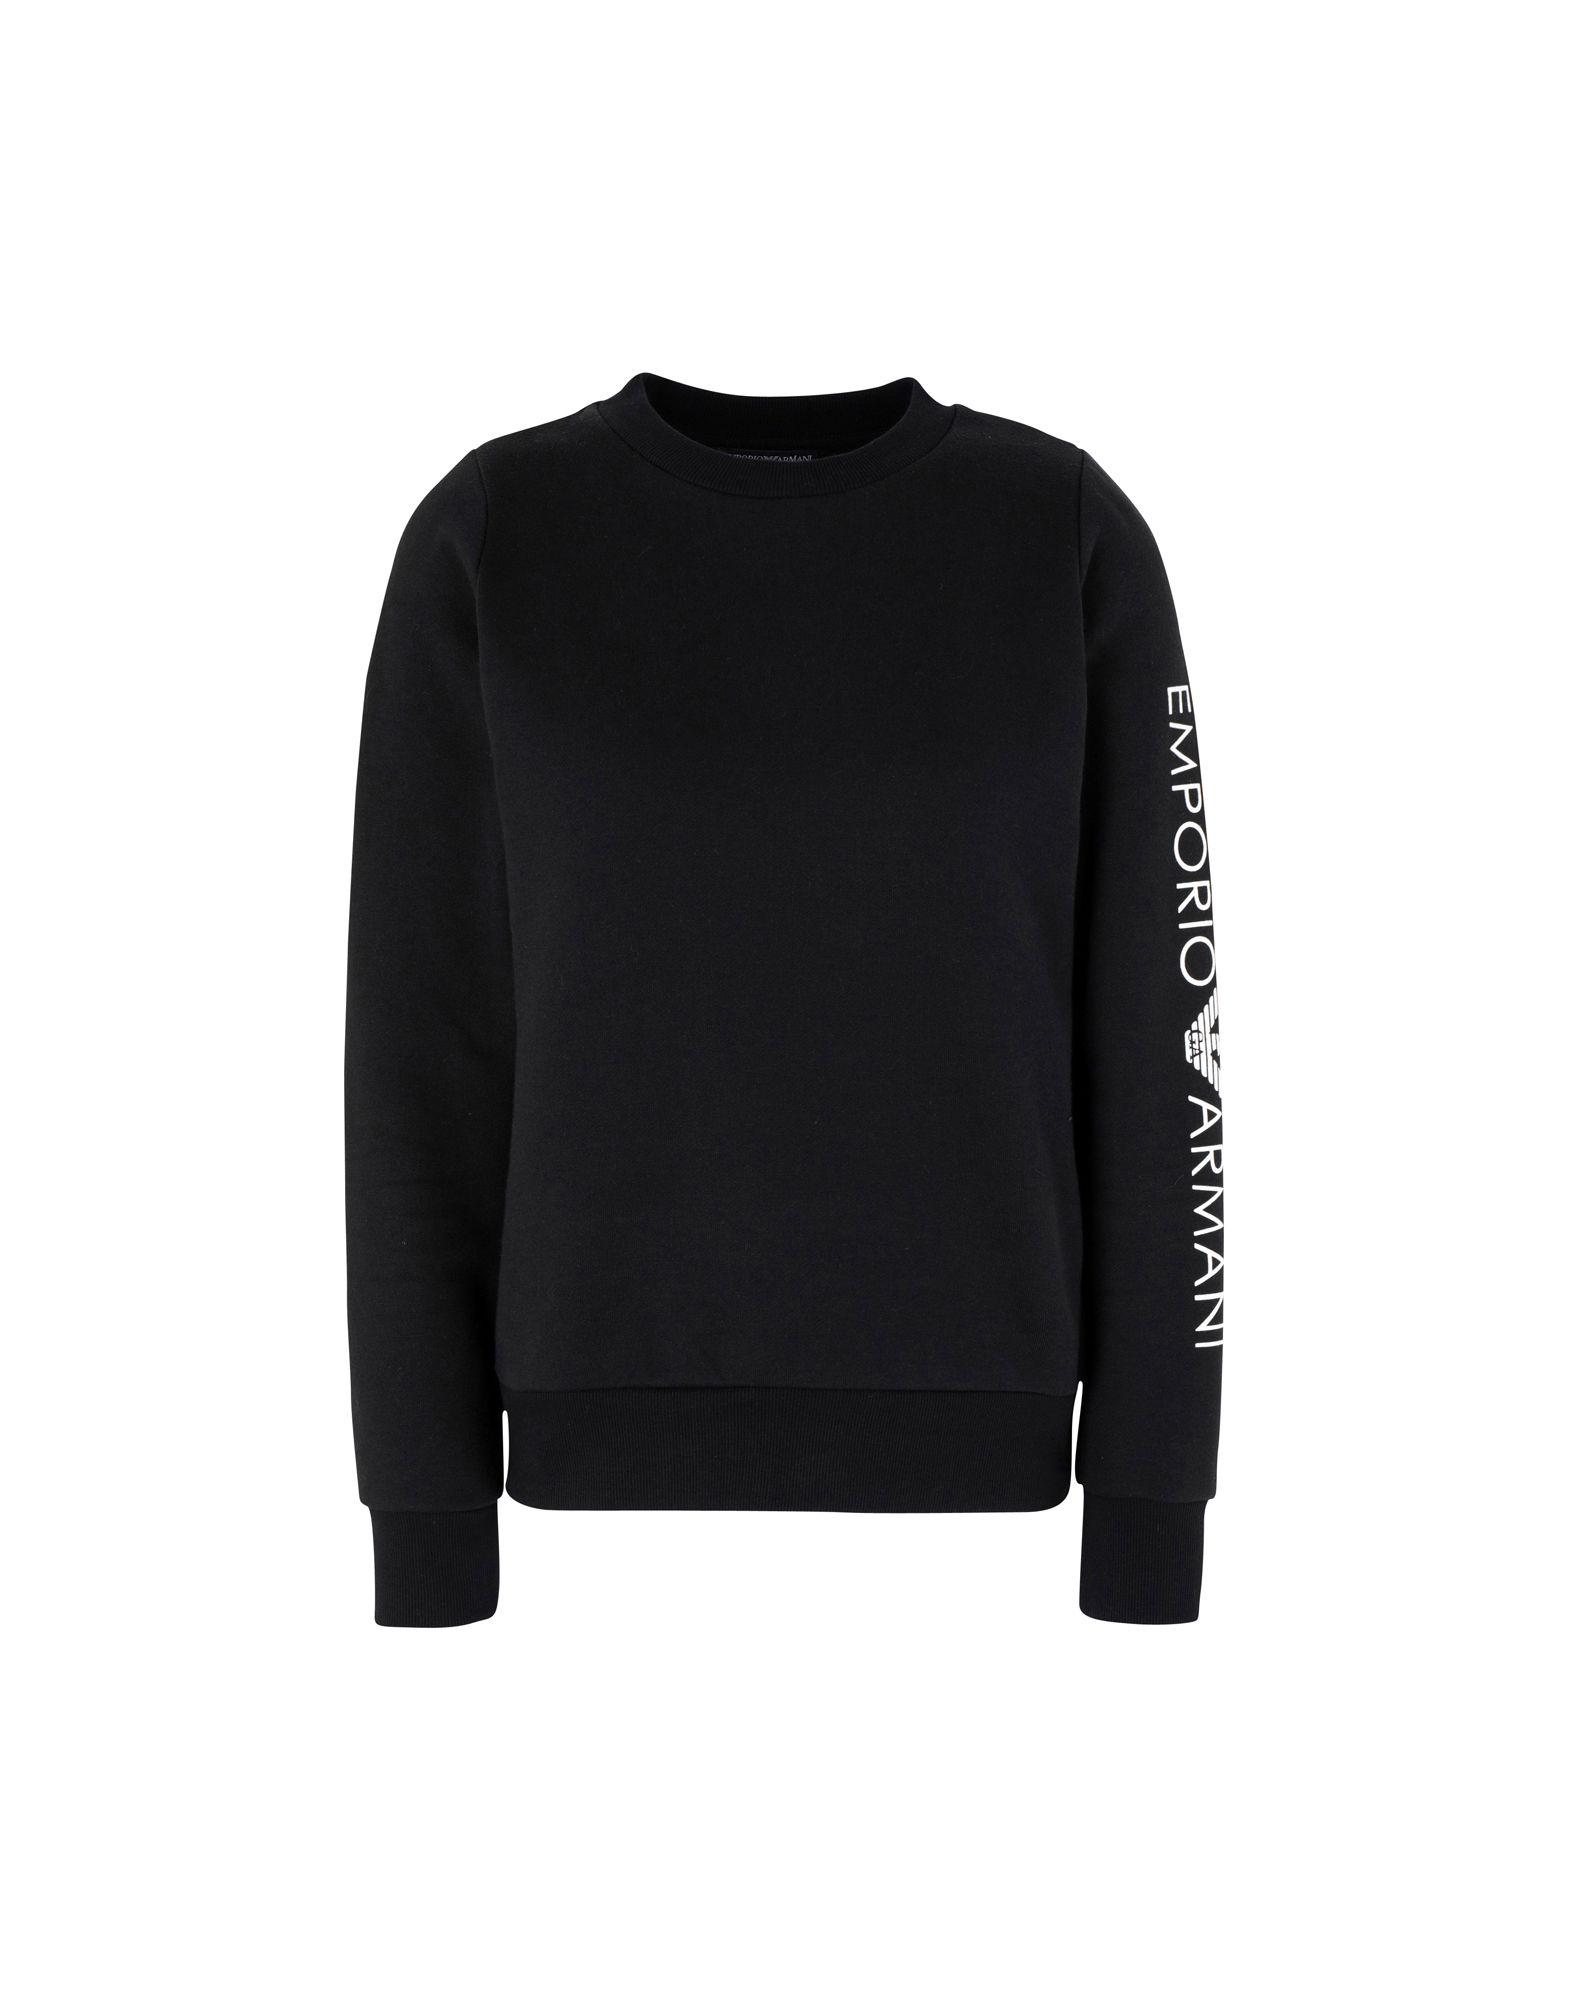 Sleepwear in Black